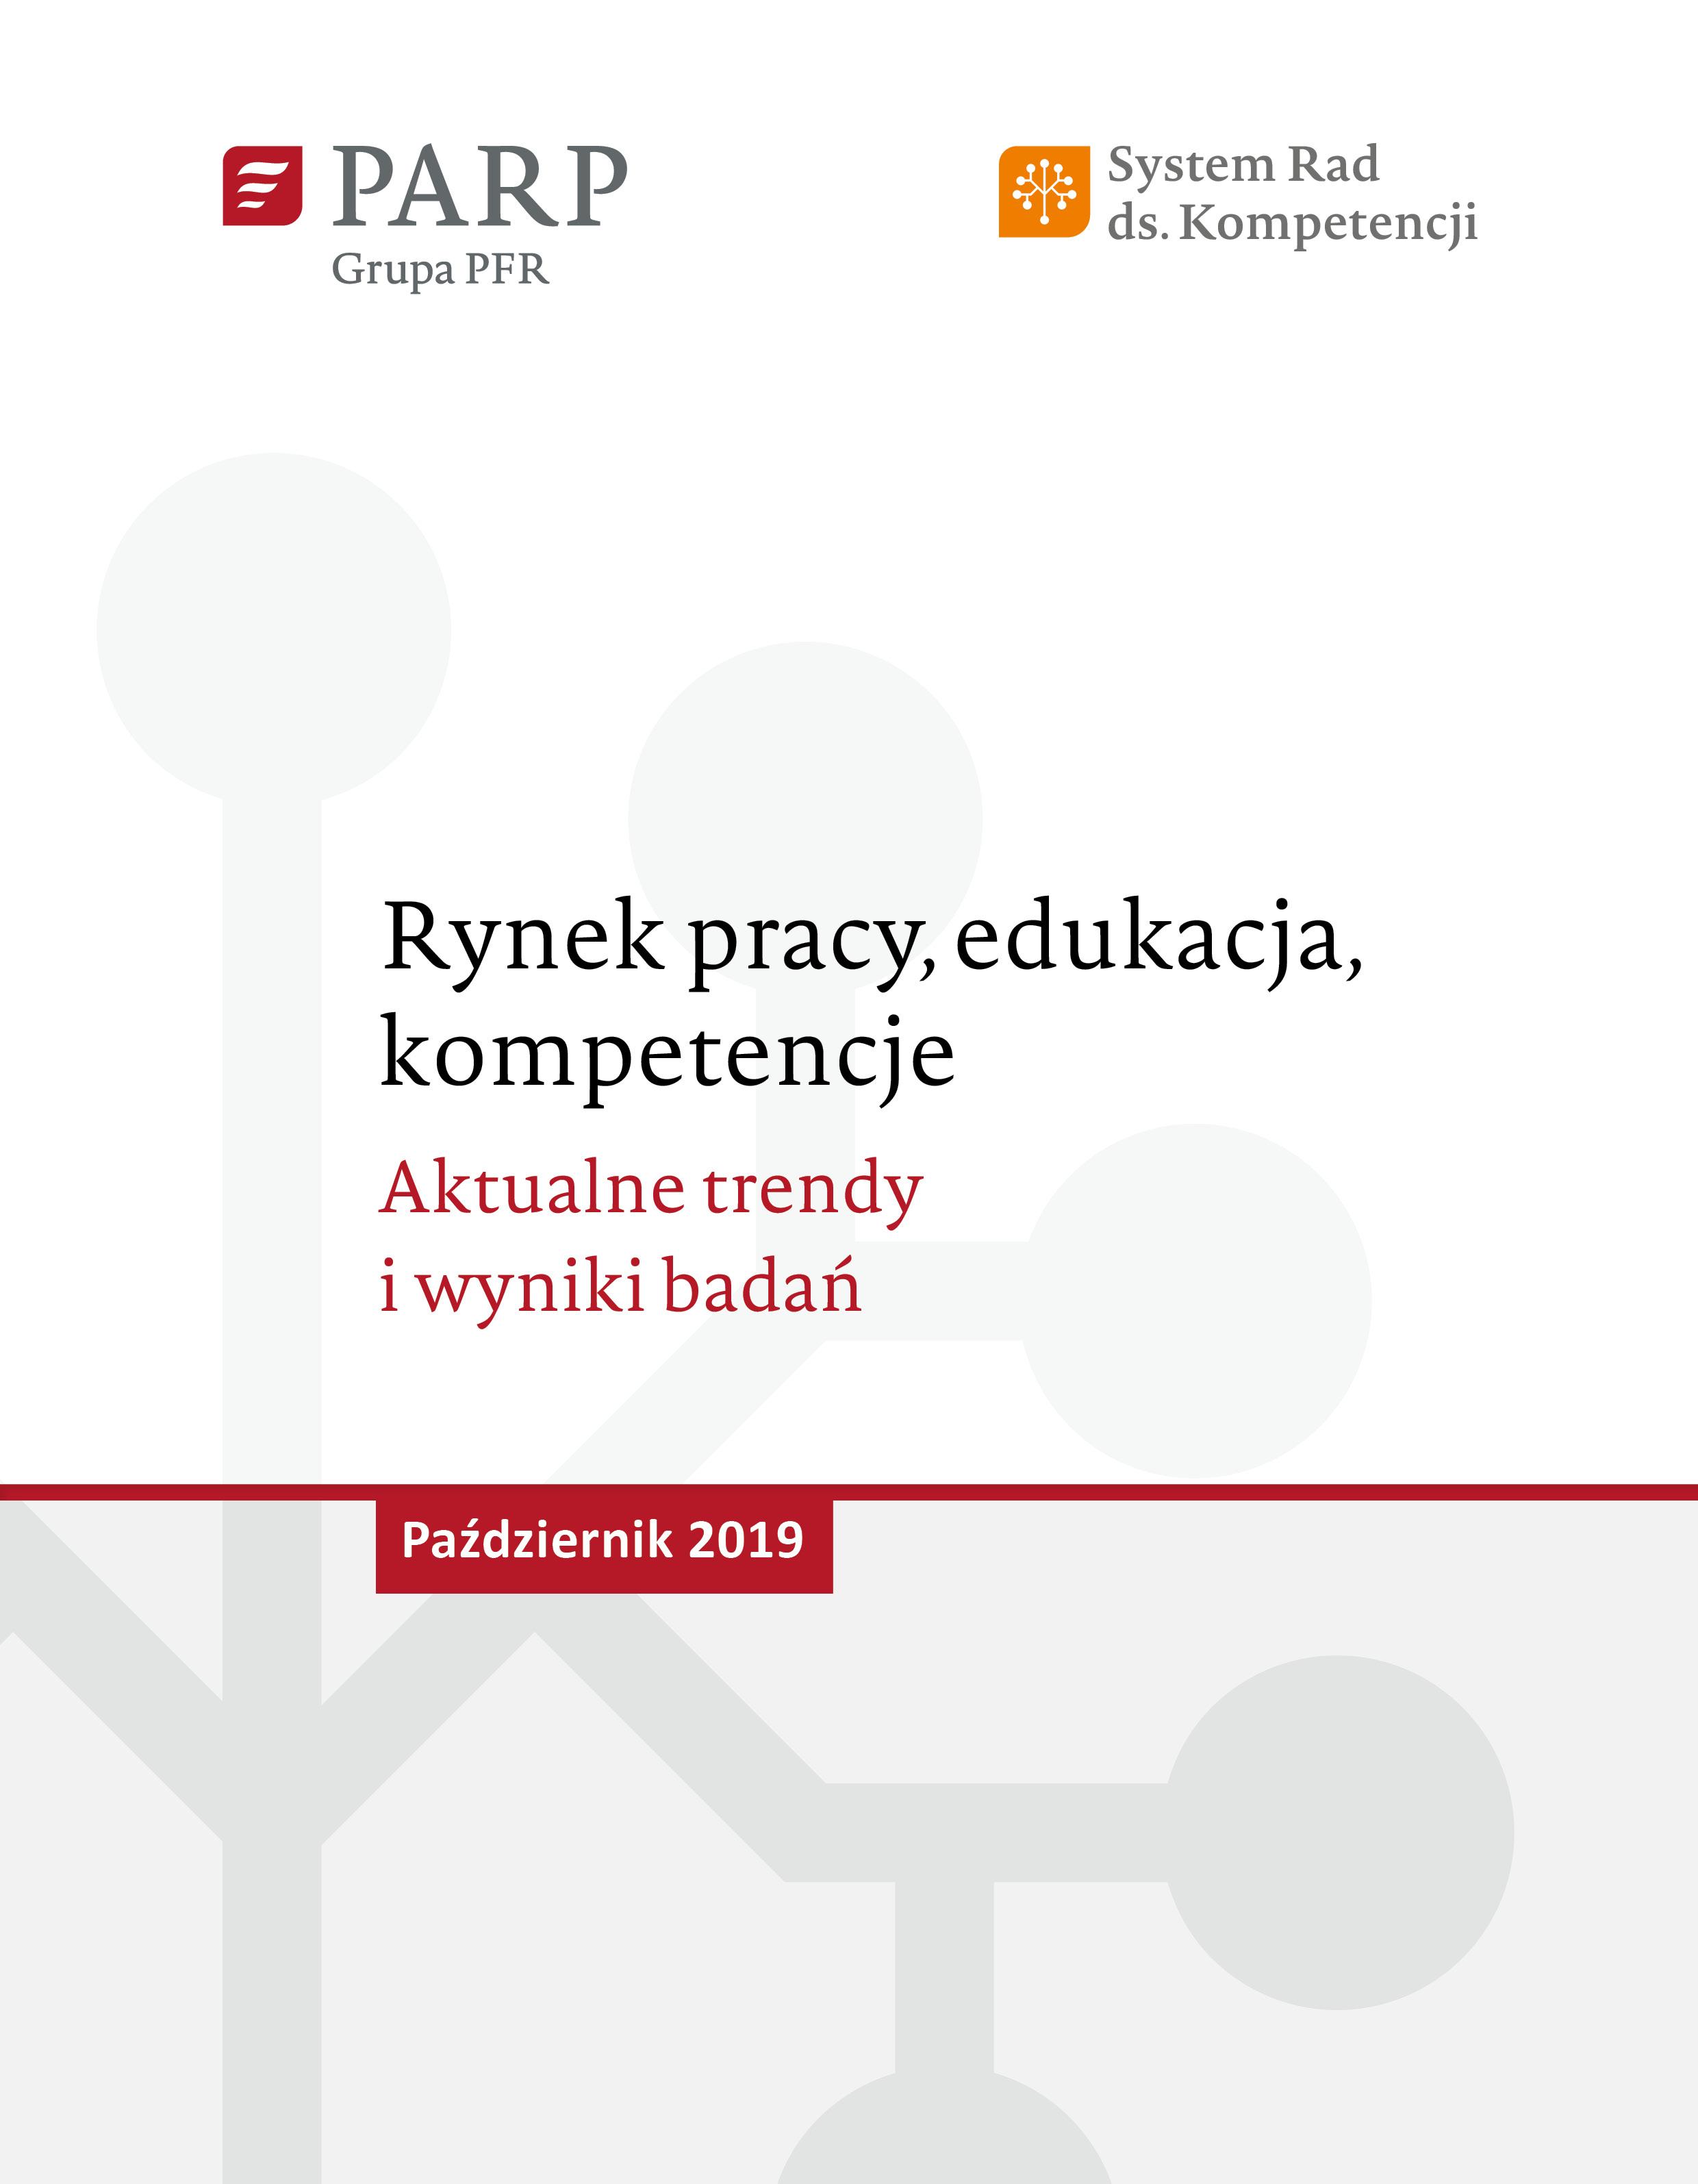 Rynek pracy, edukacja, kompetencje - październik 2019